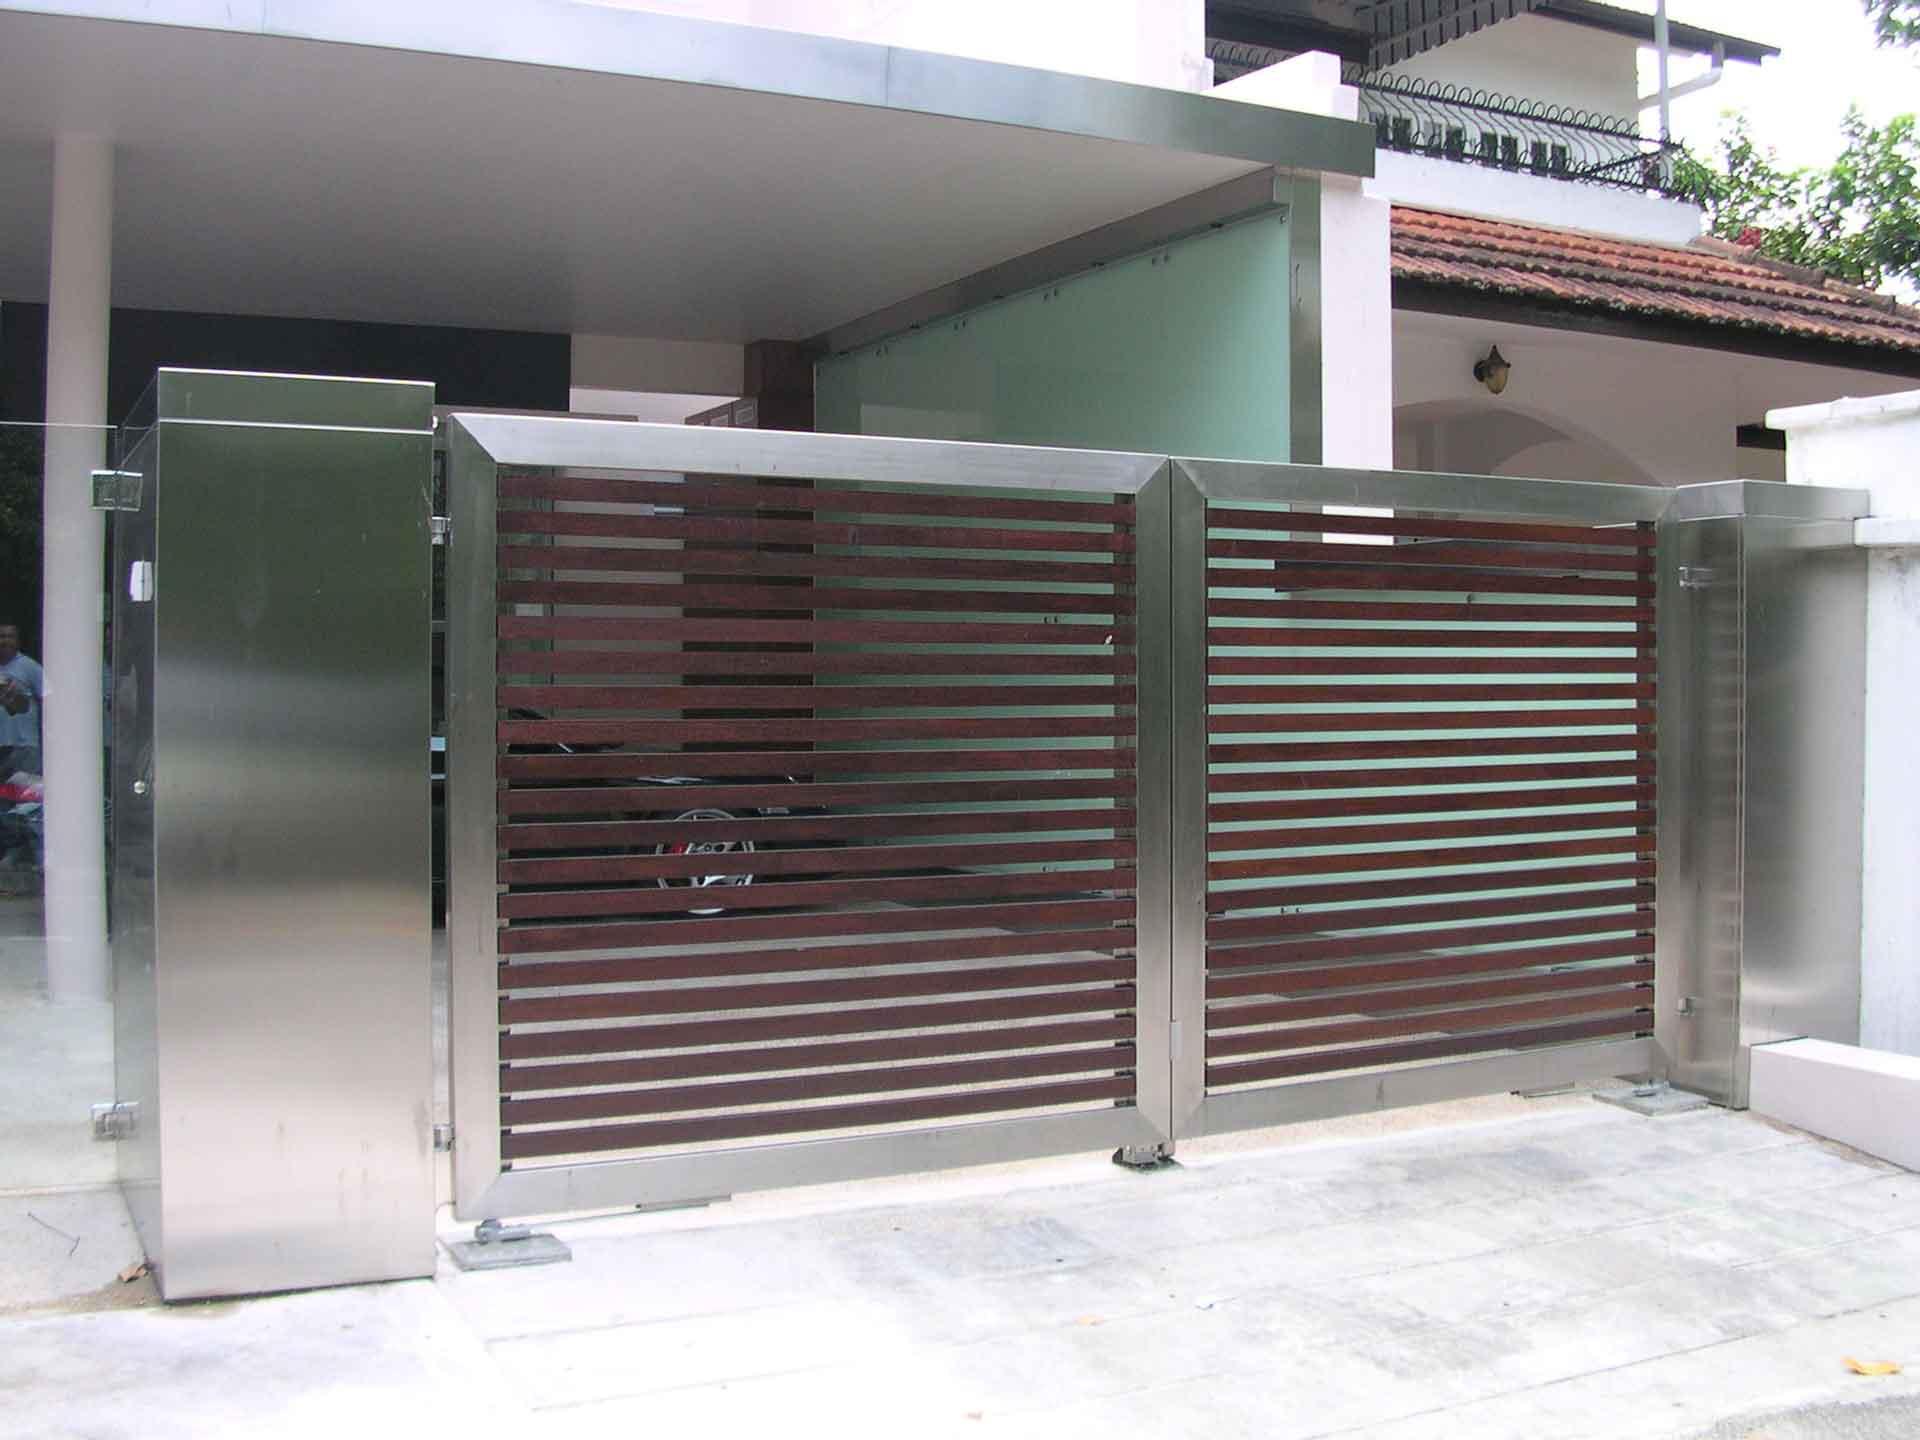 Автоматические ворота в стиле модерн